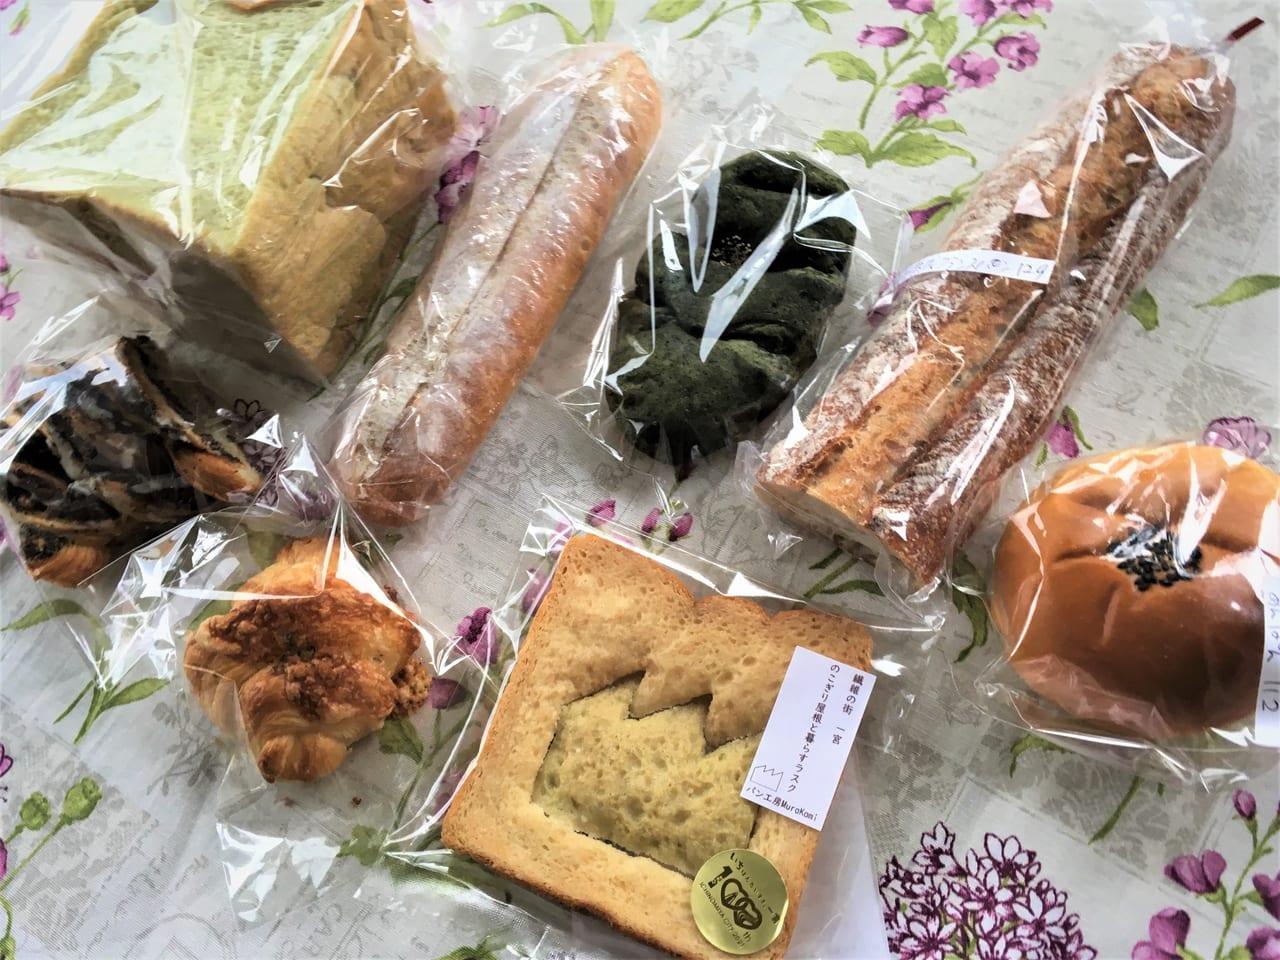 パン工房 MURAKAMI 購入したパン